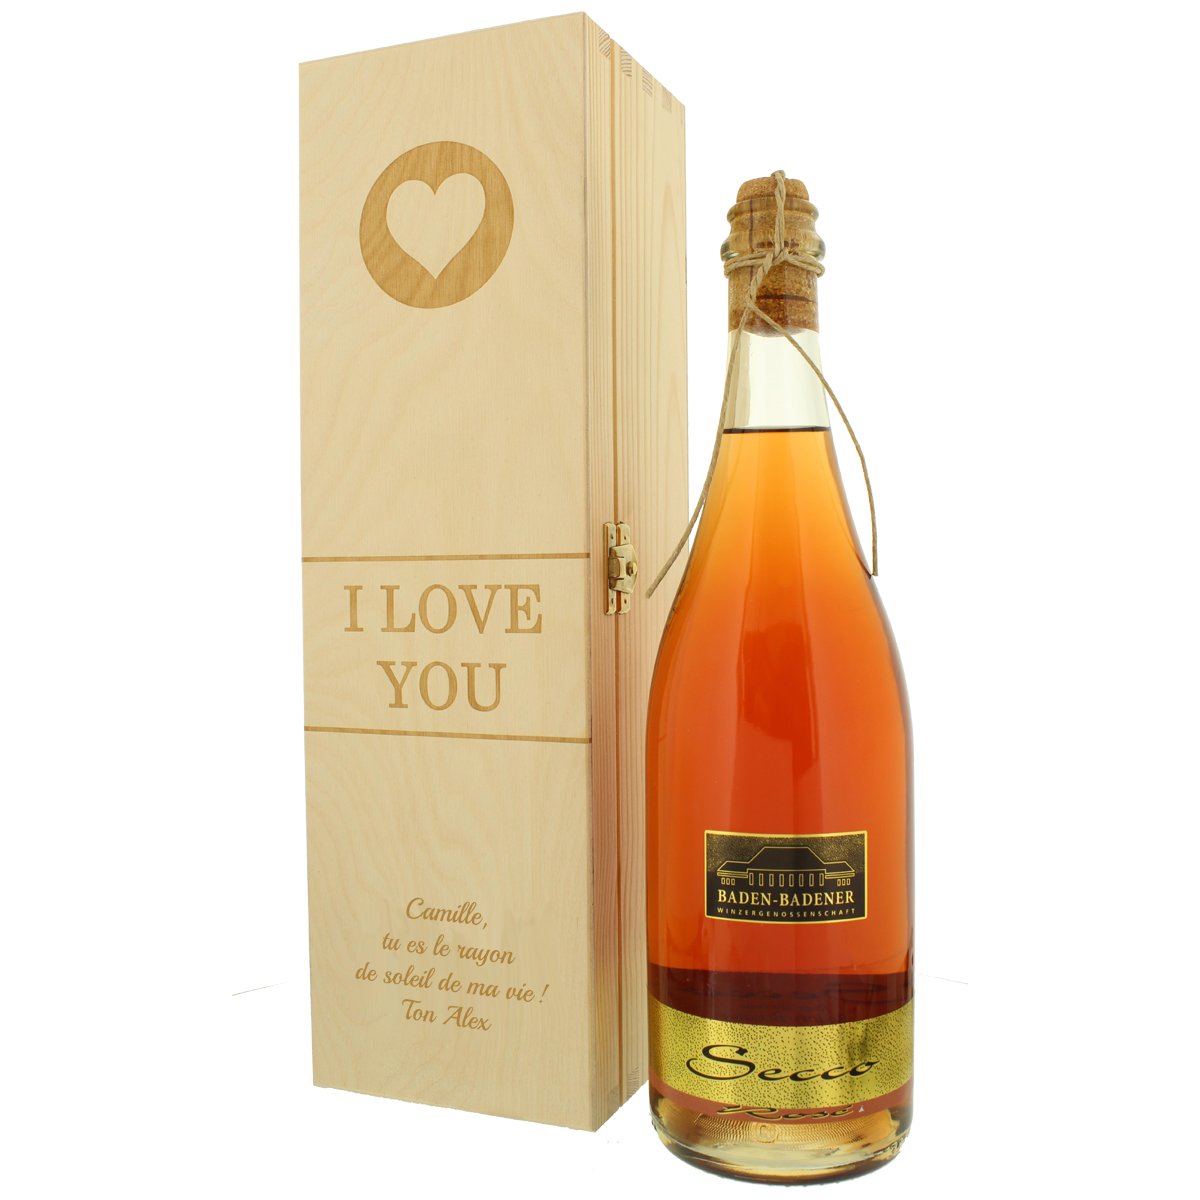 secco rosé, vin, cadeau amoureux, cadeau personnalisé, cadeau Avec gravure, cadeau, idée-cadeau